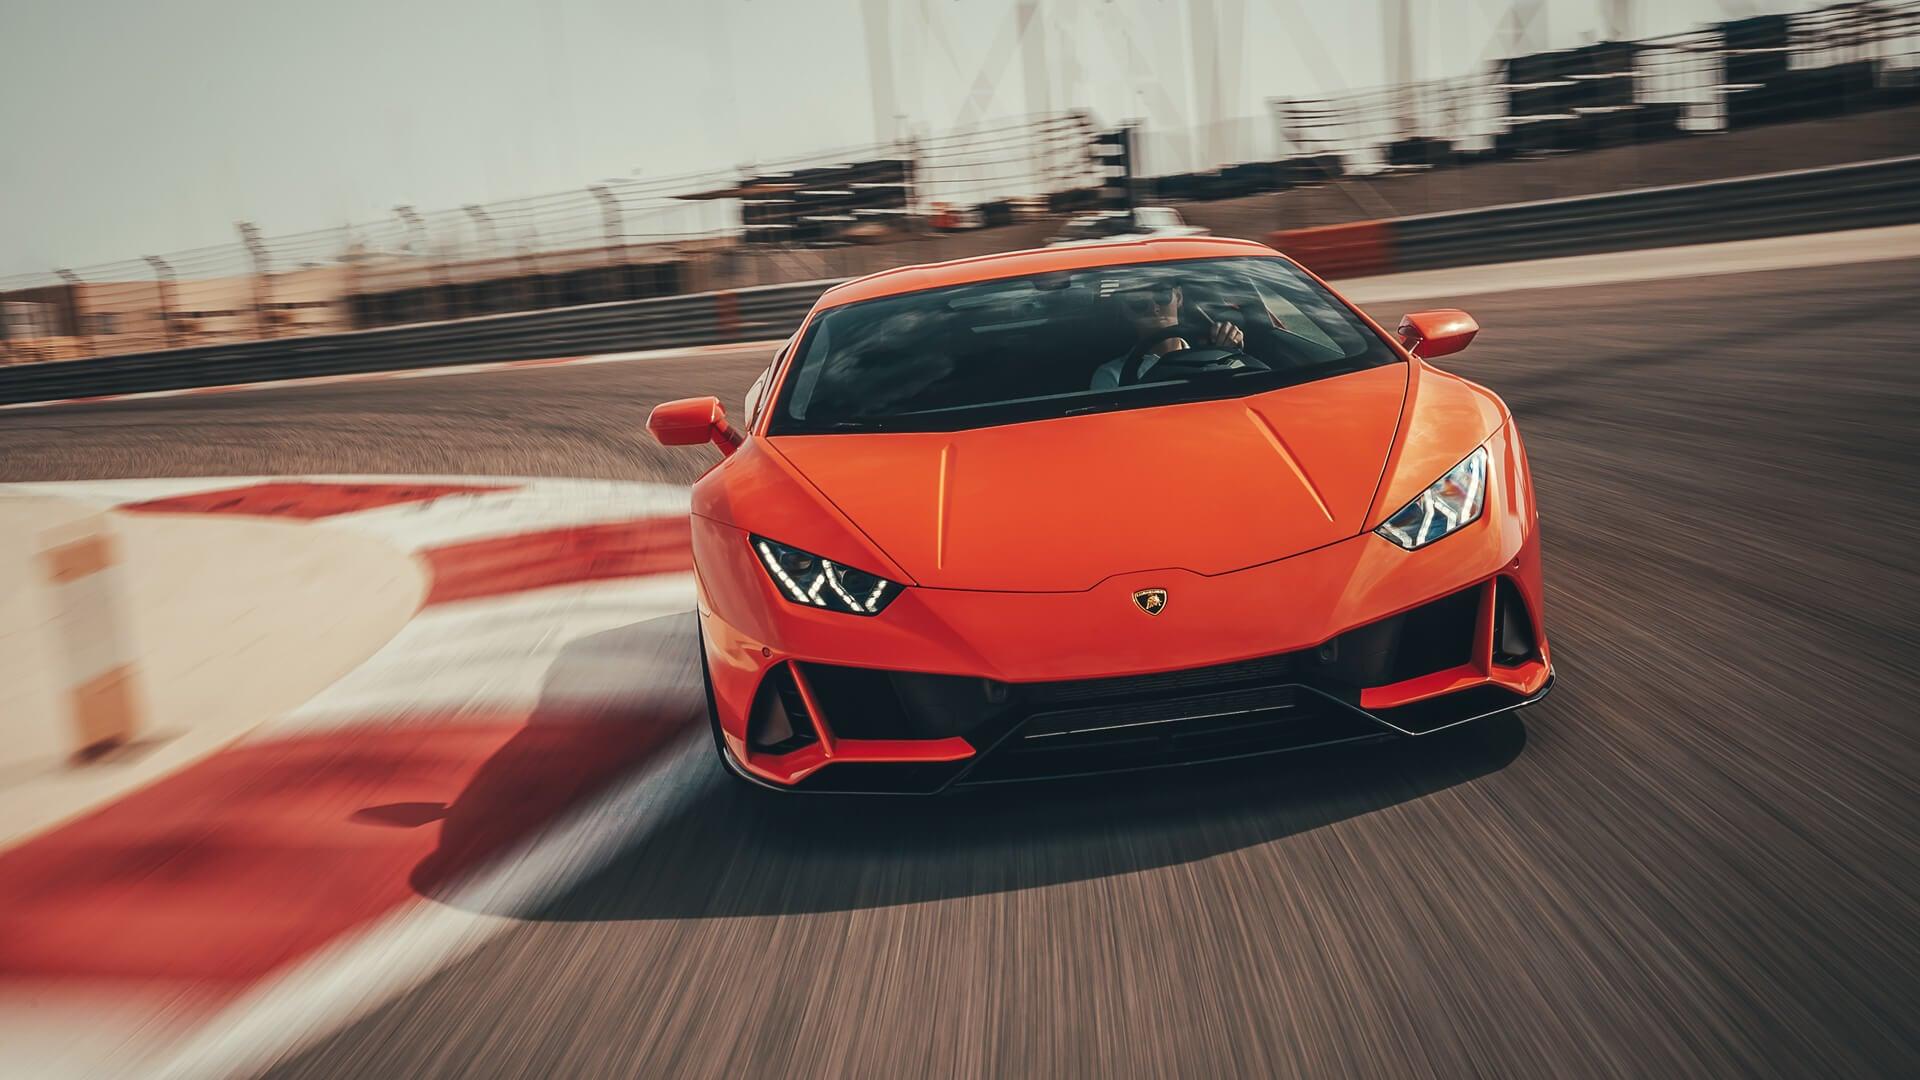 Alexa Lamborghini Huracan evo in pista